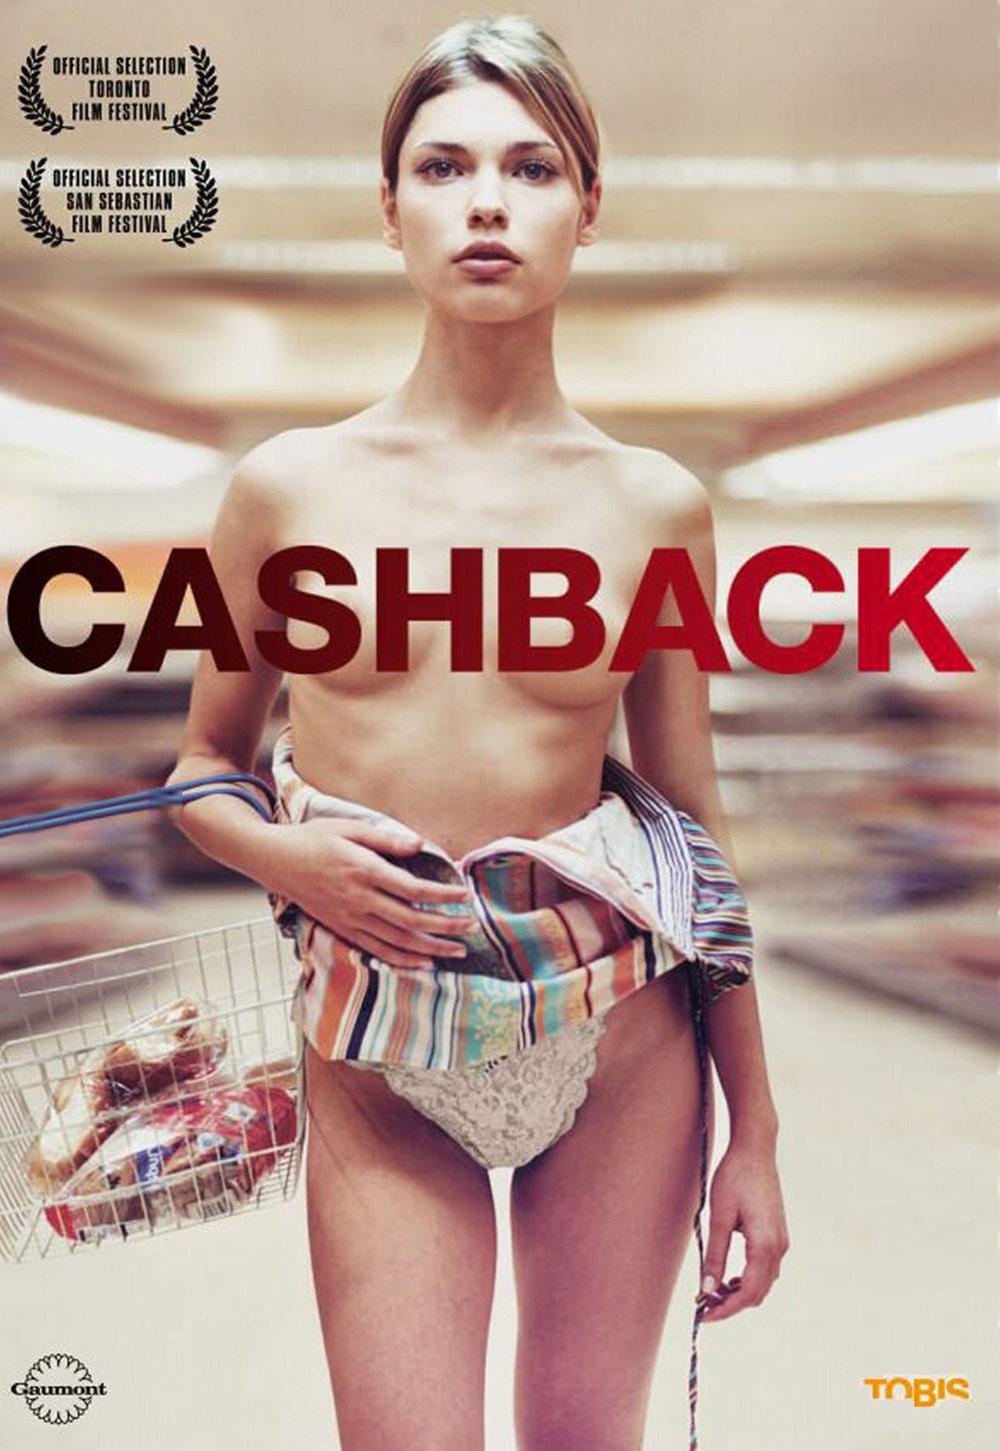 cashback poster.jpg